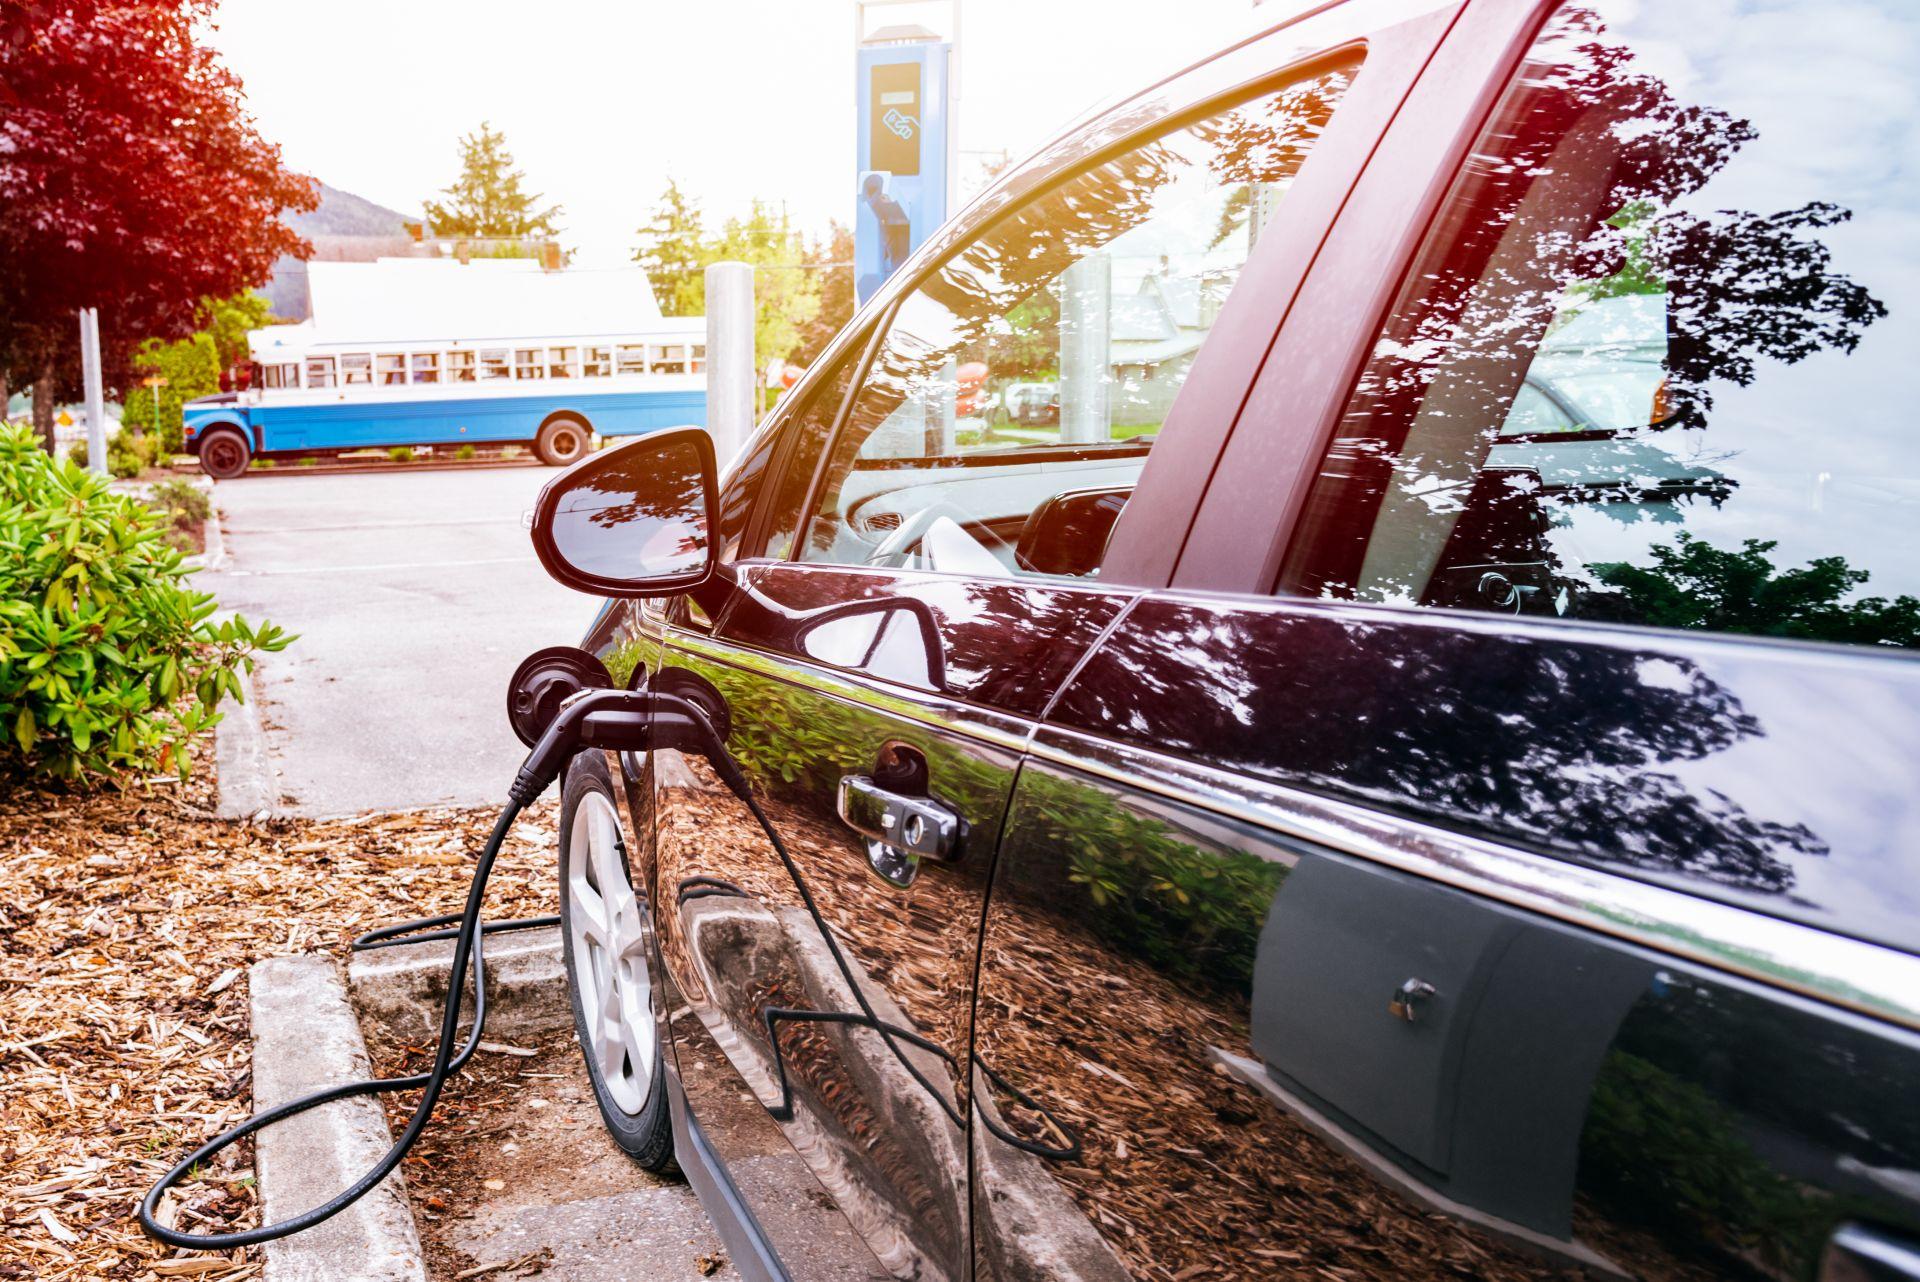 Erfahrungsbericht: Energie soll etwas kosten, aber ...